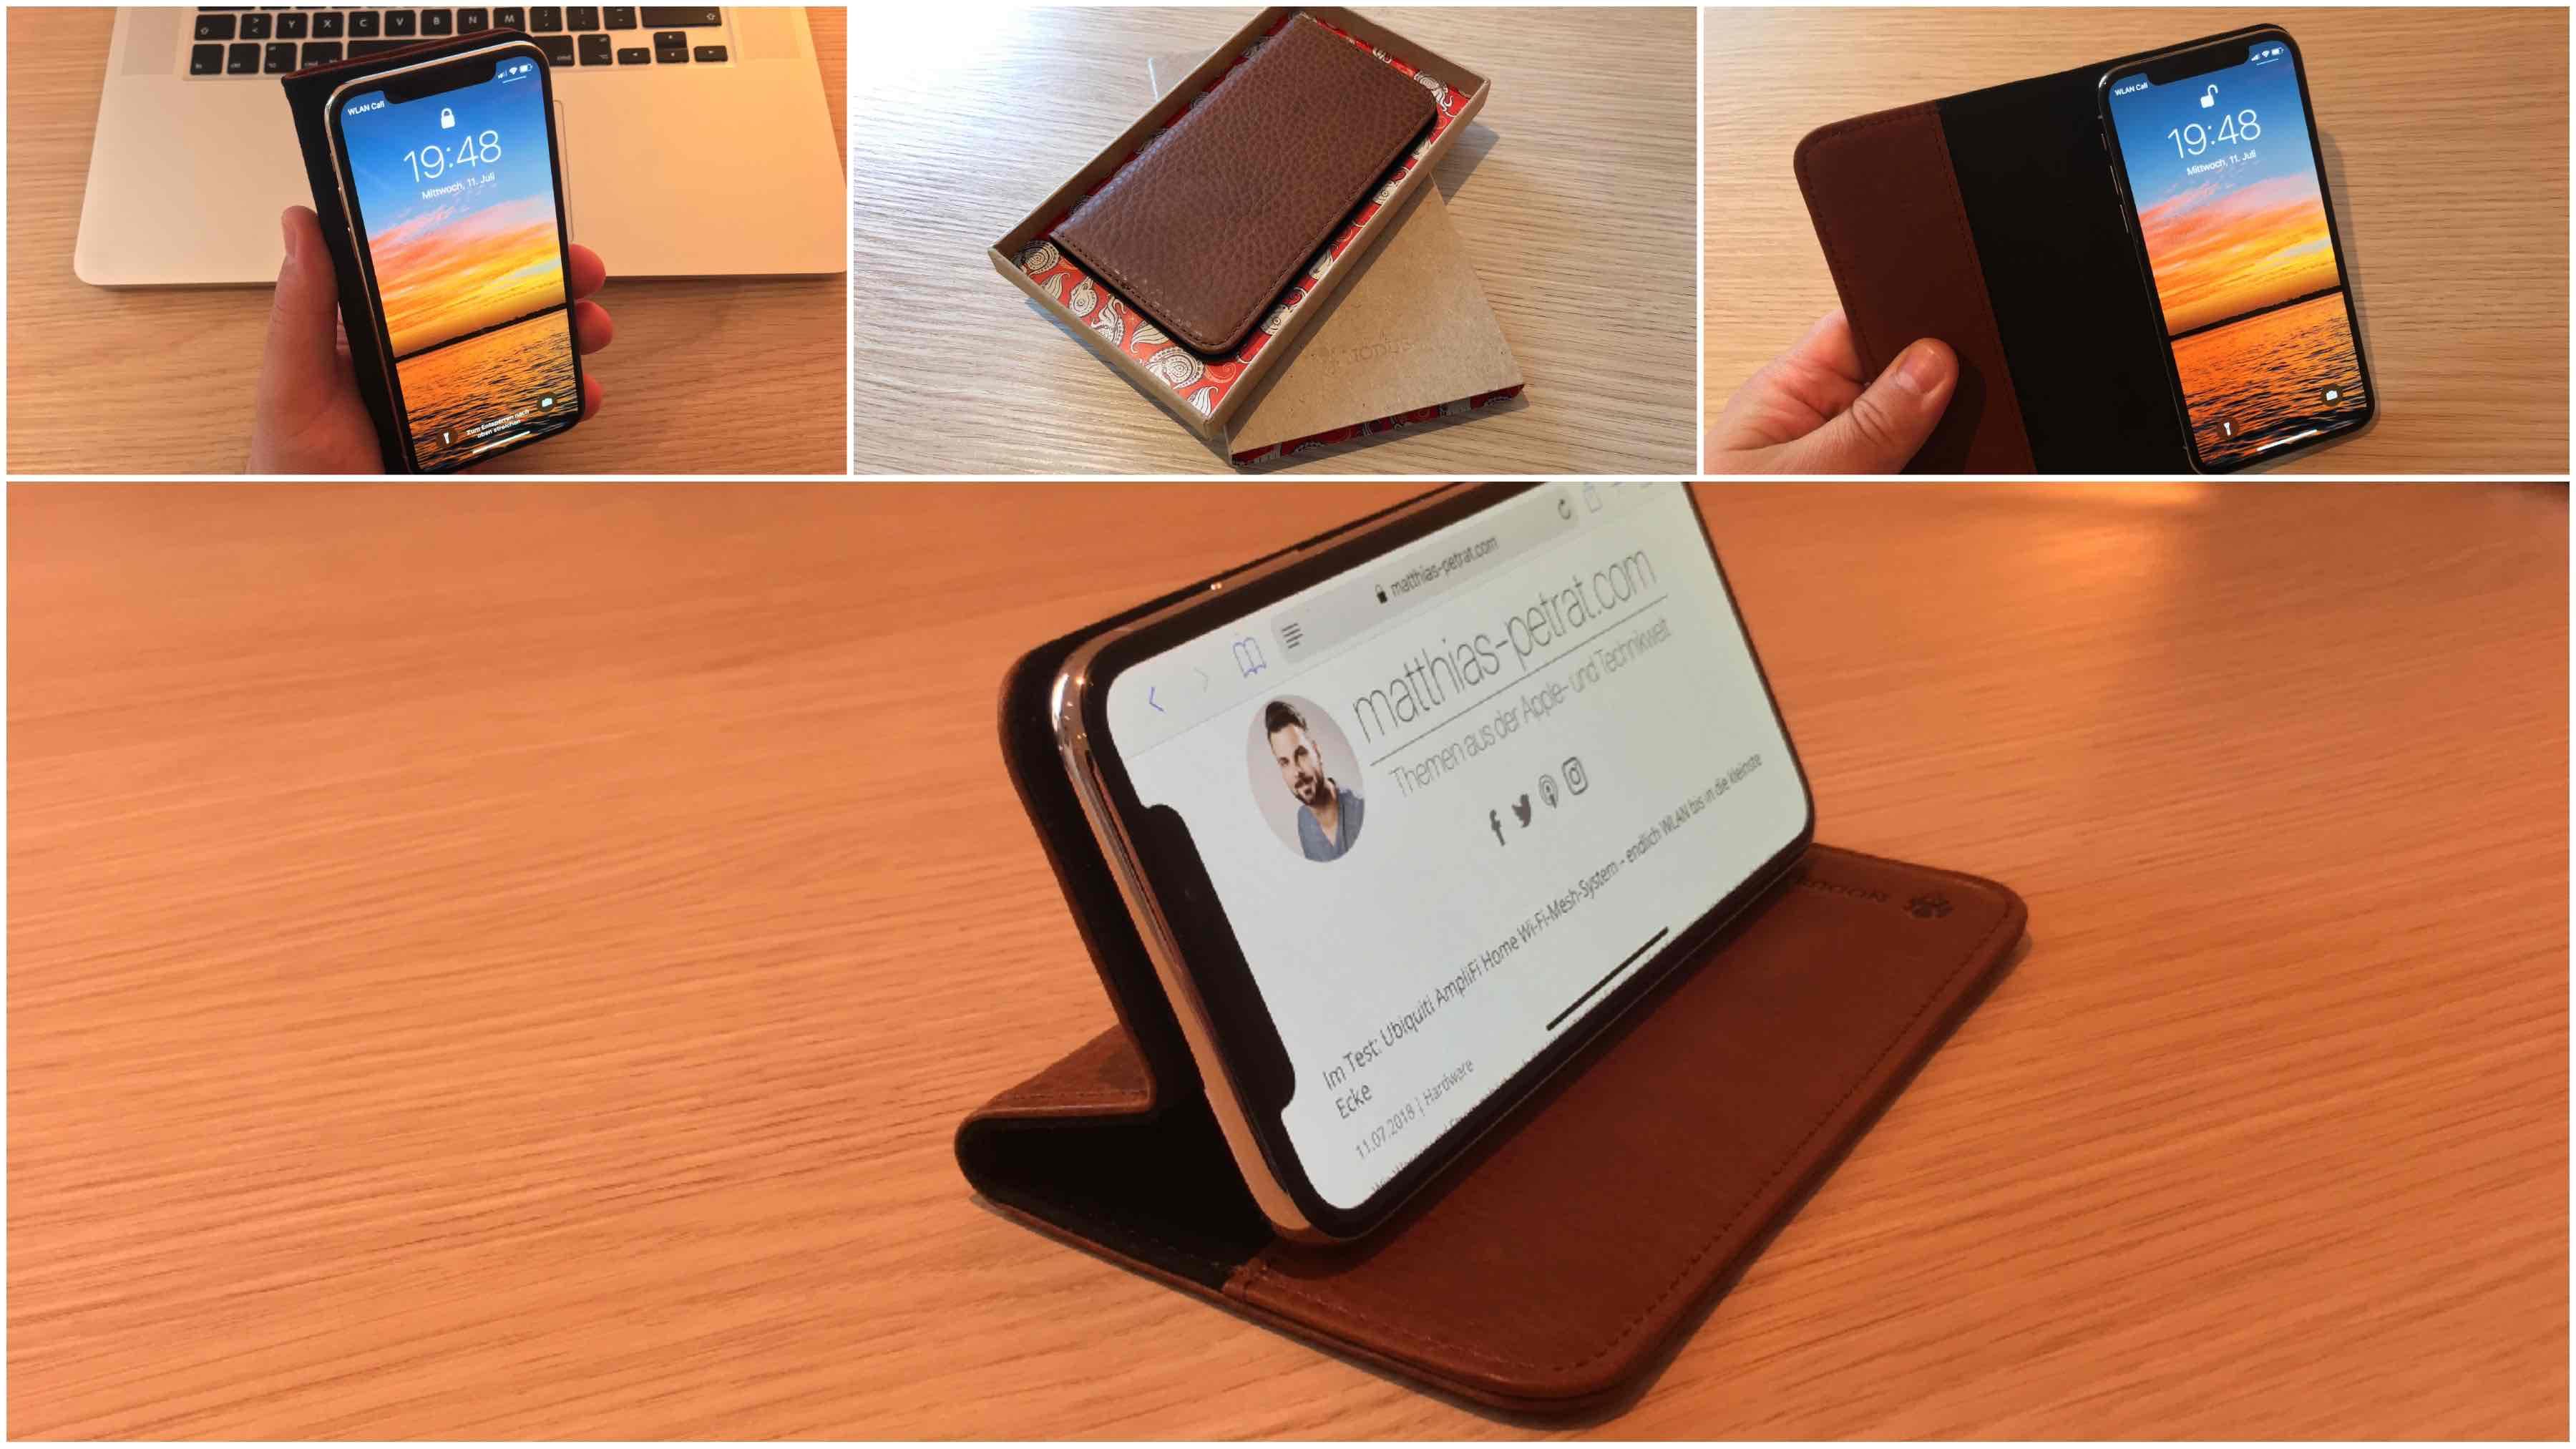 Nodus_Ledercase_Artikelbilder_Review2 Im Test:  Access Case III für iPhone X von Nodus - das edle Echtledercase mit Aufstellfunktion